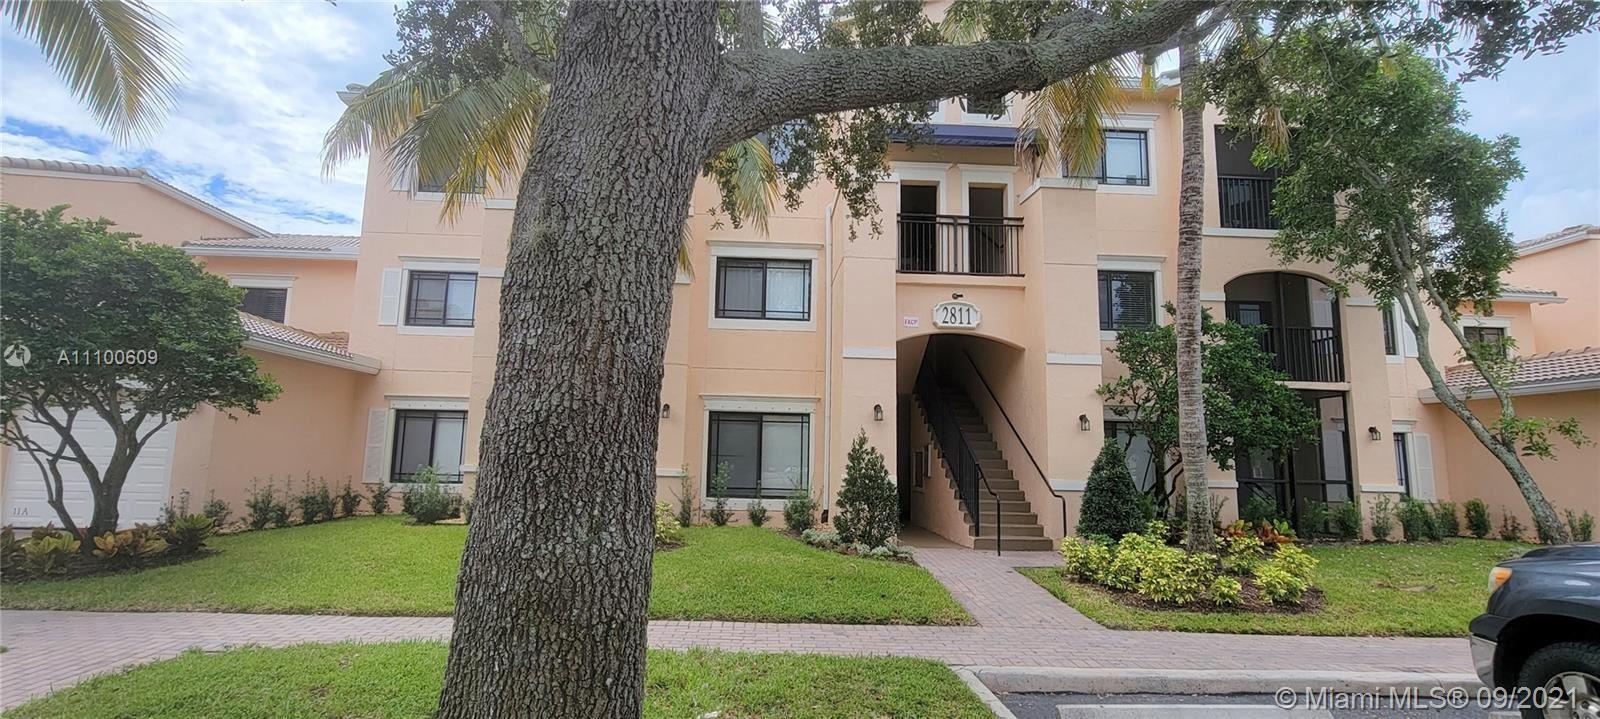 Photo of Palm Beach Gardens, FL 33410 (MLS # A11100609)